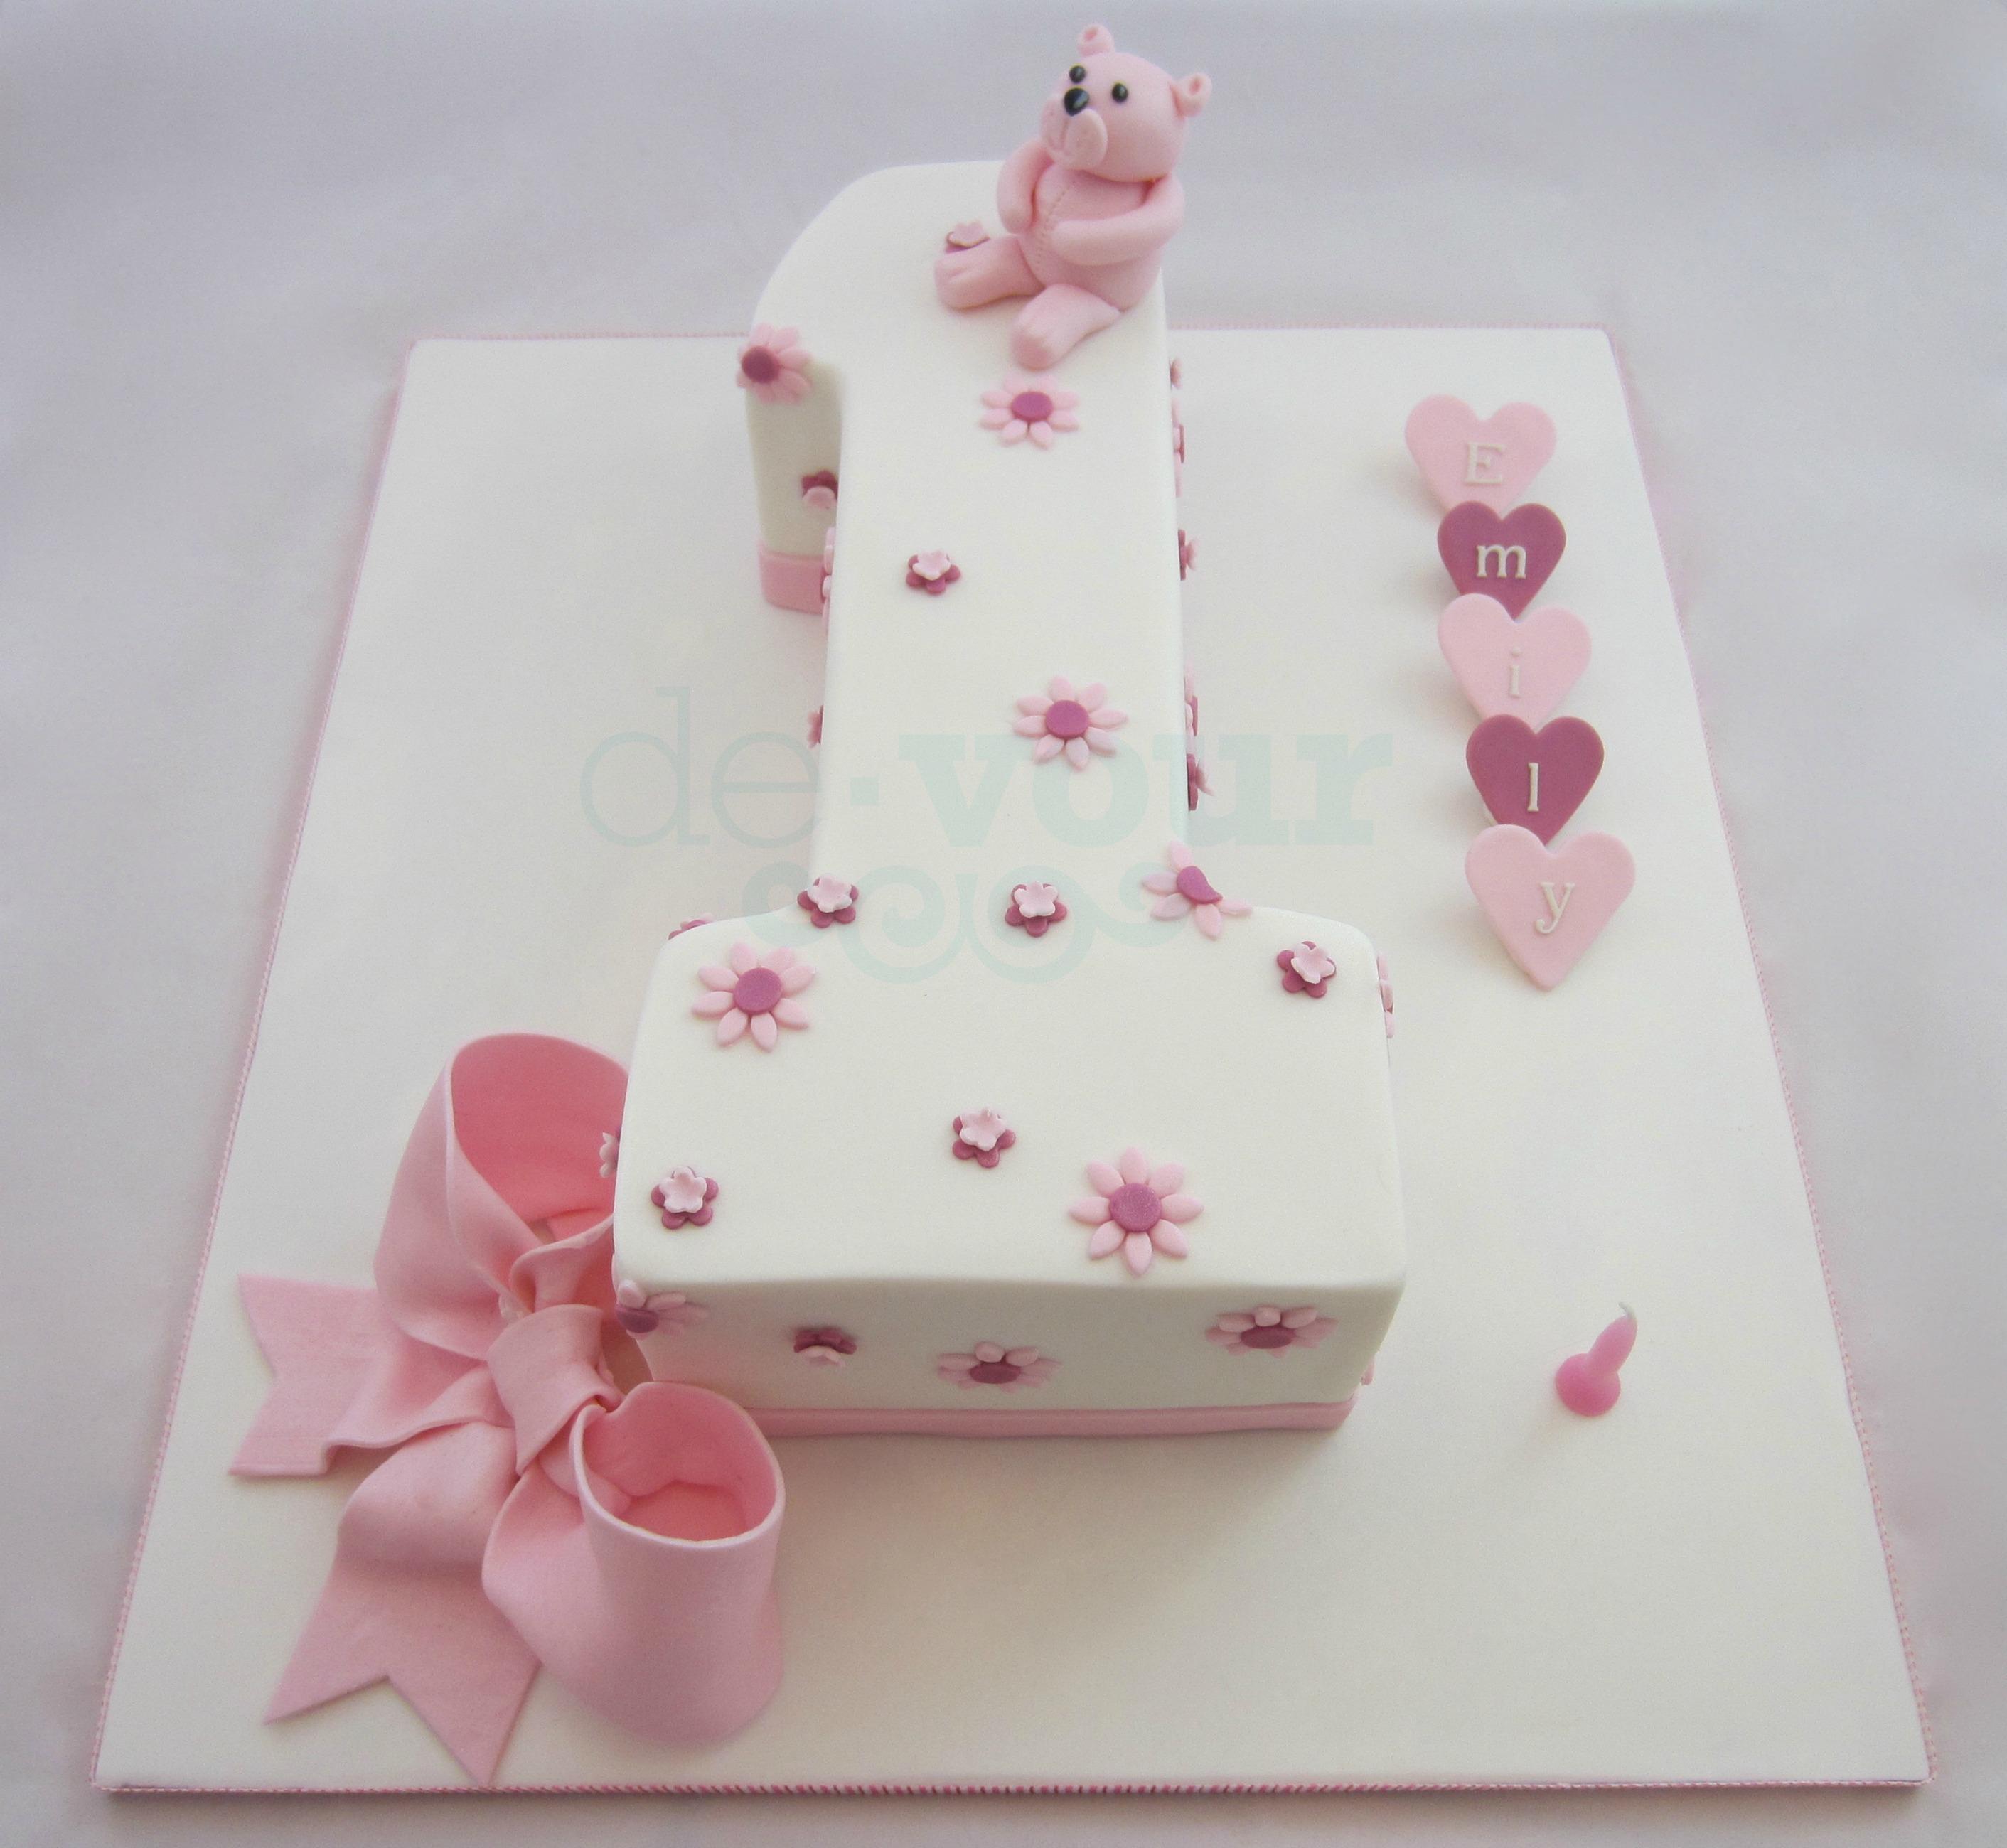 NUM0007 - Number Cake